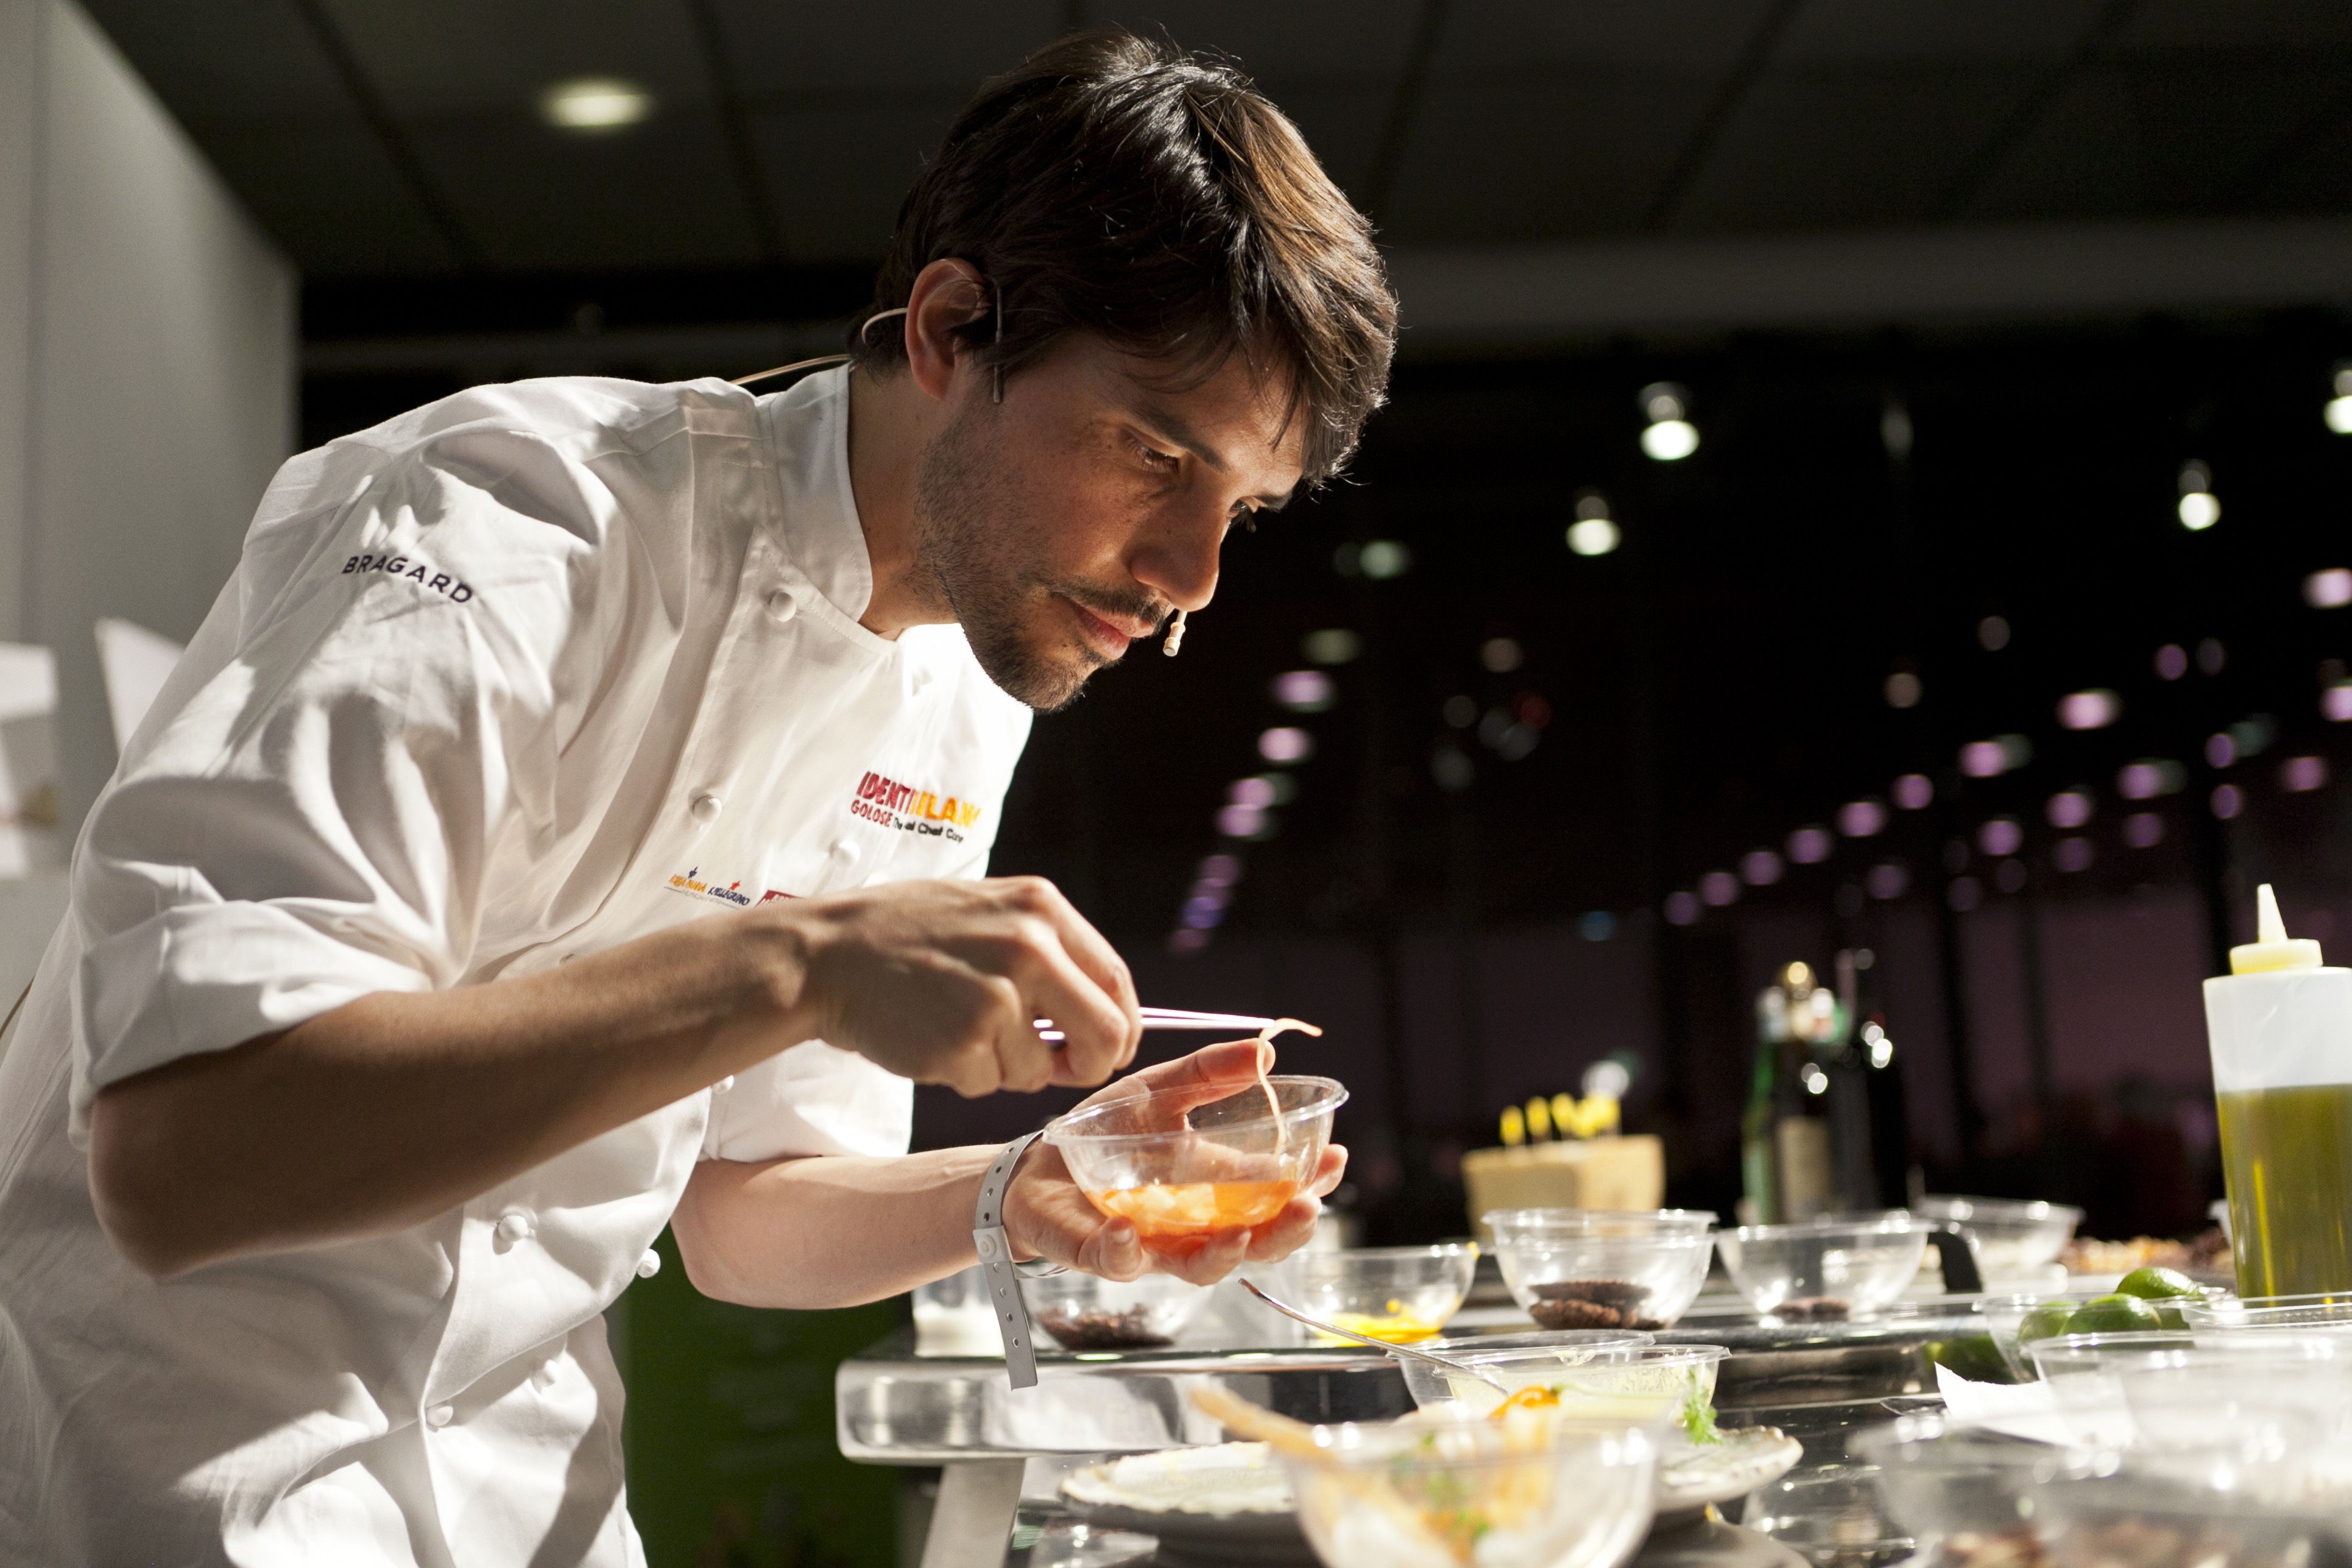 La gastronomia peruviana è di moda a Milano e ad Identità Golose!